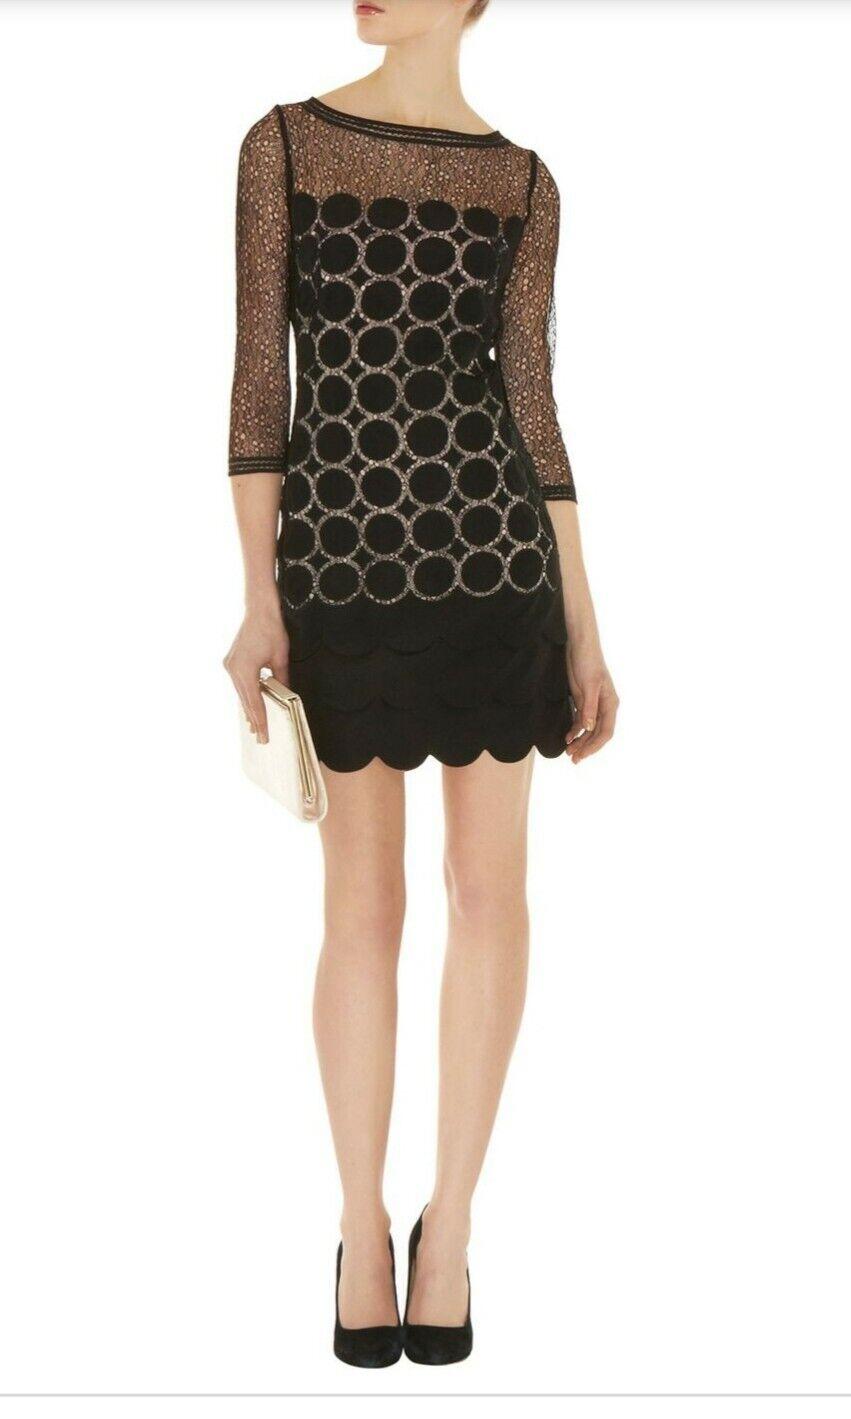 Precioso Vestido Karen  Millen, tamaño10-a estrenar con las etiquetas,  soporte minorista mayorista